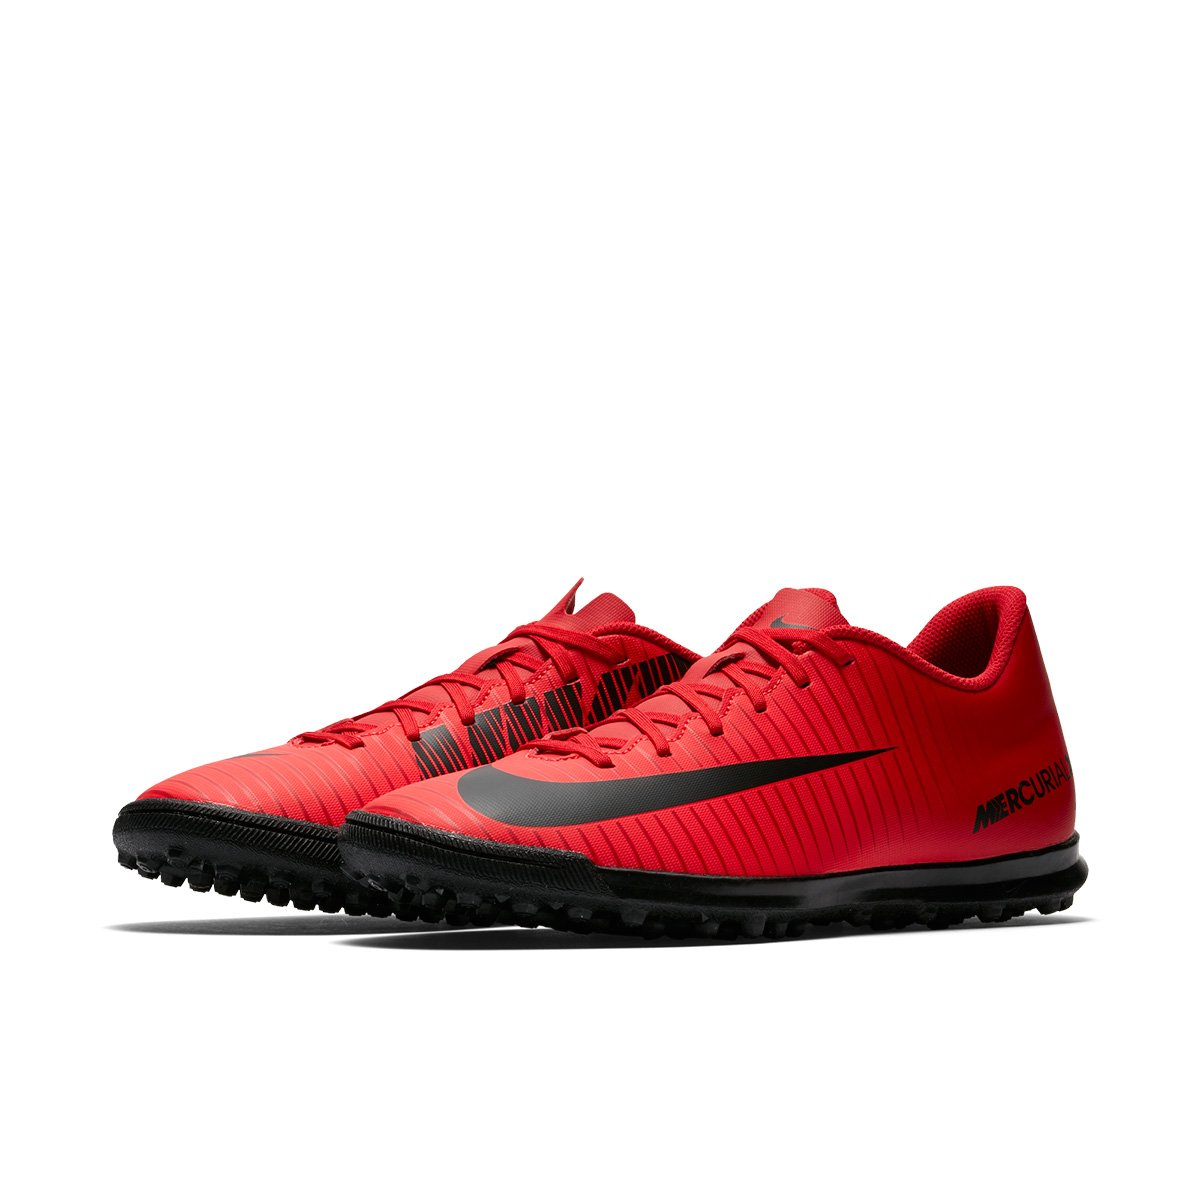 Chuteira Society Nike Mercurial Vortex 3 TF - Vermelho e Preto ... 44da92b9a3f60